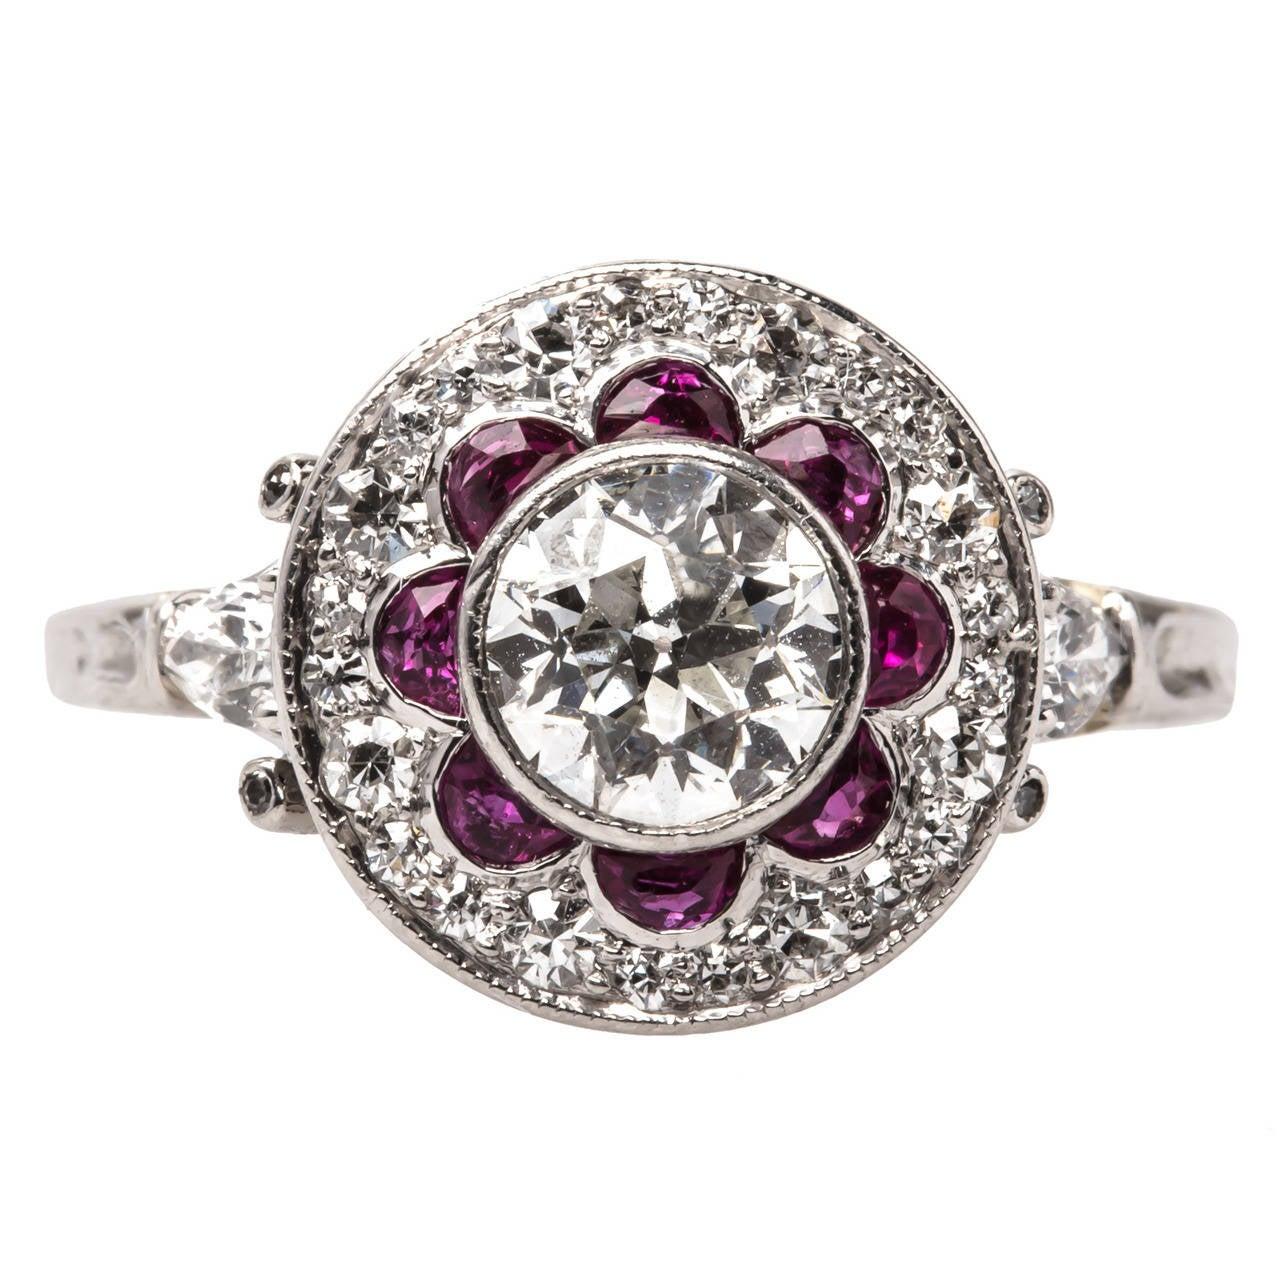 Edwardian Ruby Diamond Platinum Engagement Ring At 1stdibs Tsavorite  Garnet Engagement Ring